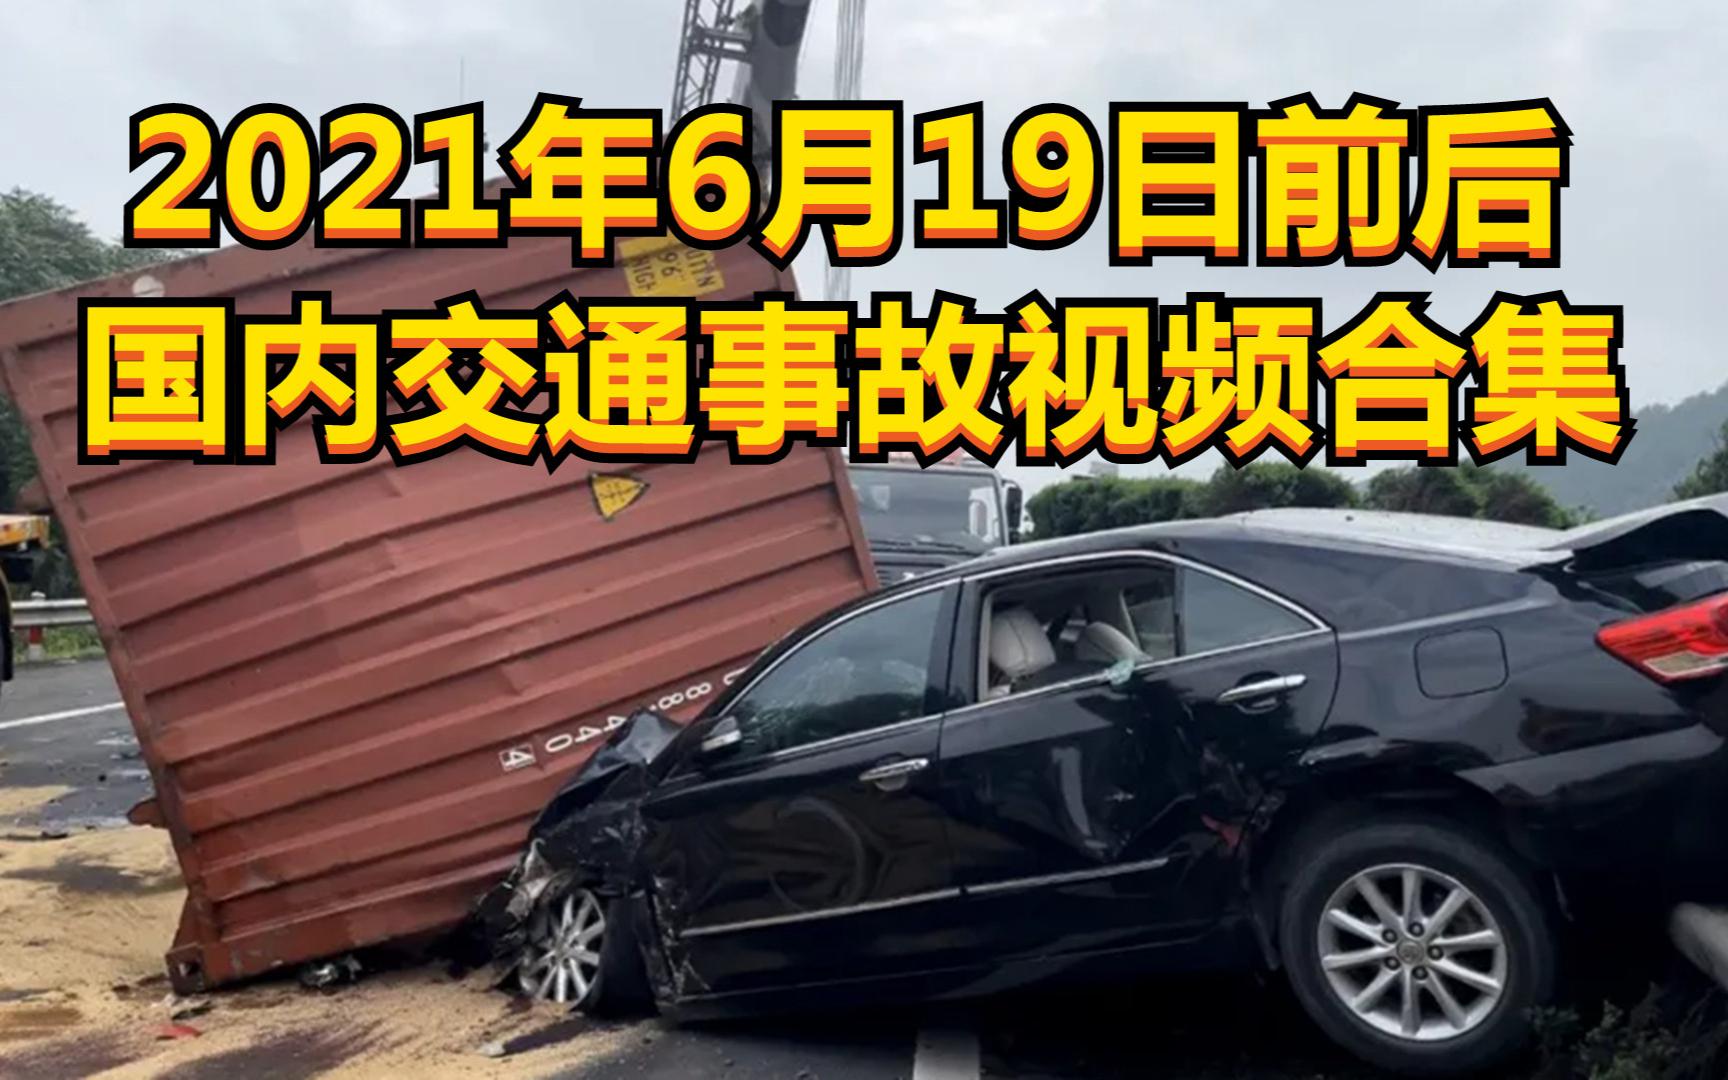 2021年6月19日前后国内交通事故视频合集